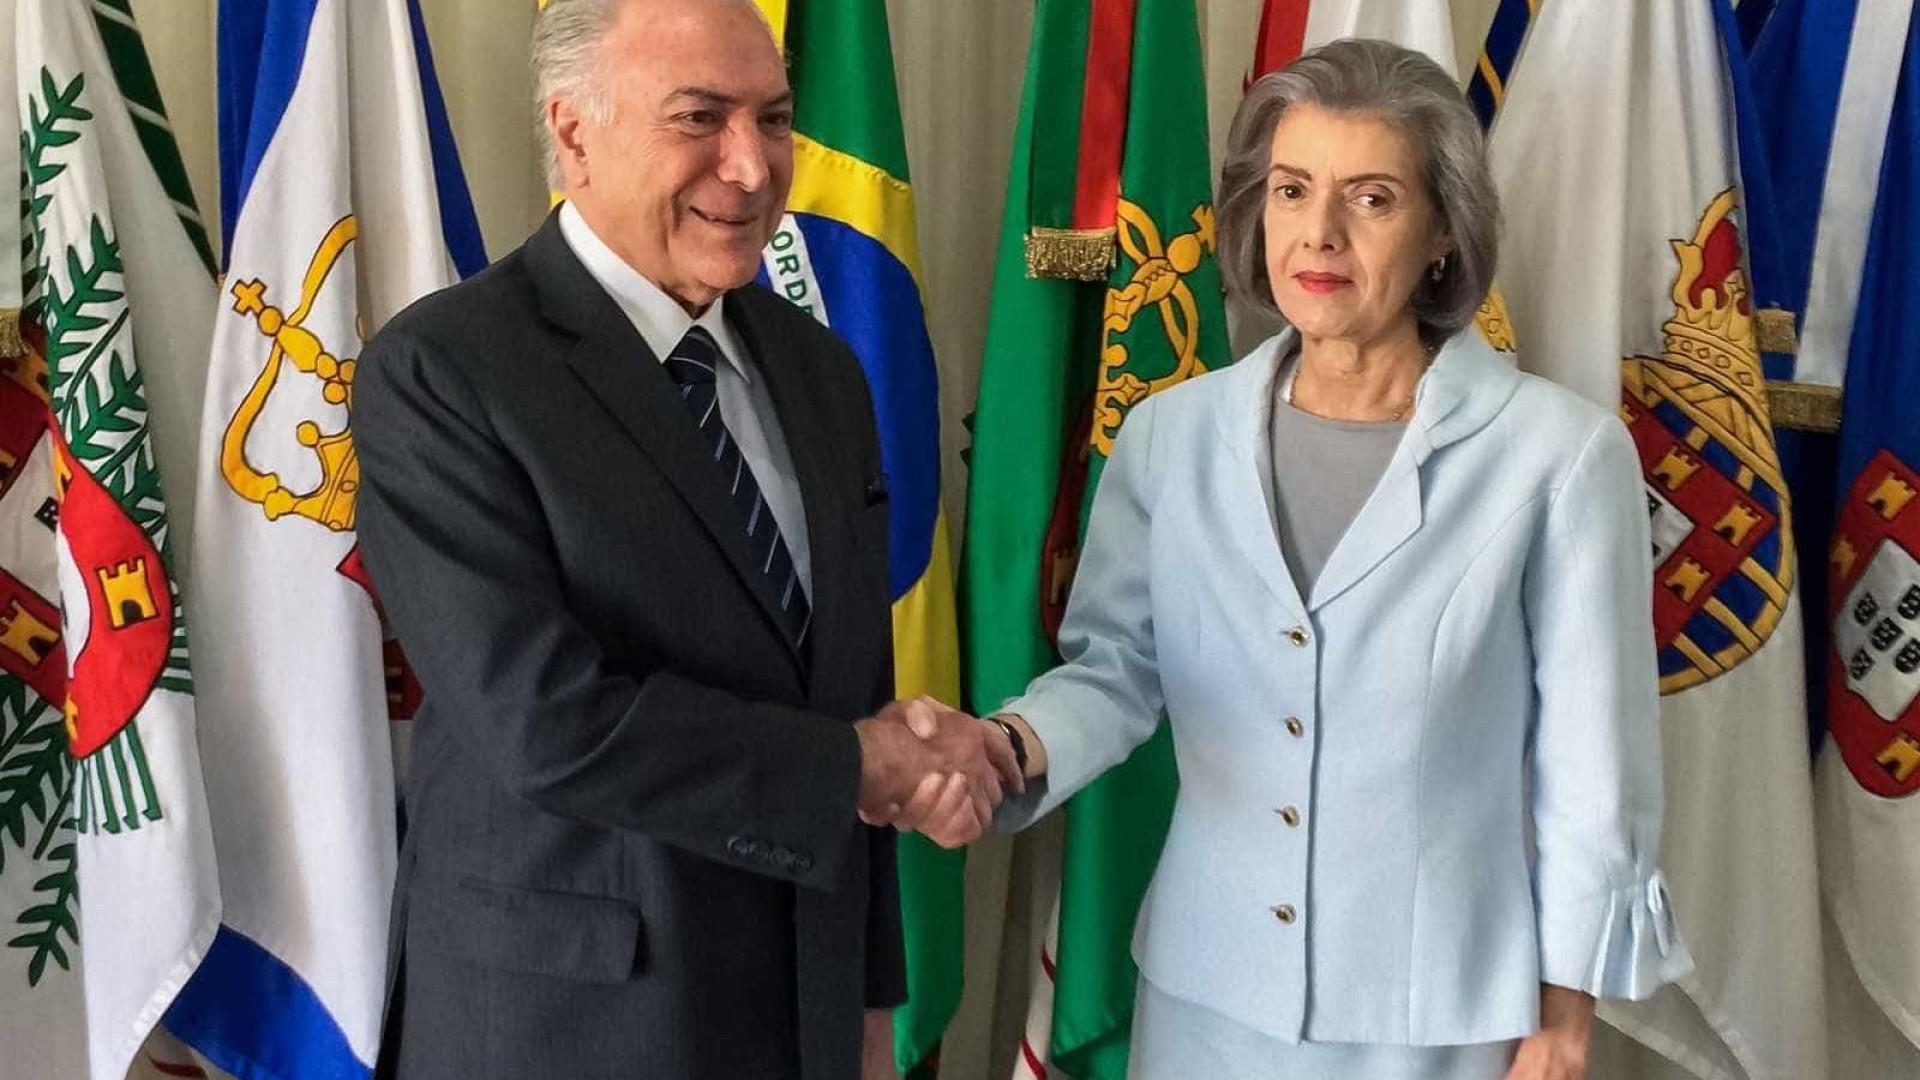 Cármen Lúcia assume Presidência com viagem de Temer pela 4ª vez